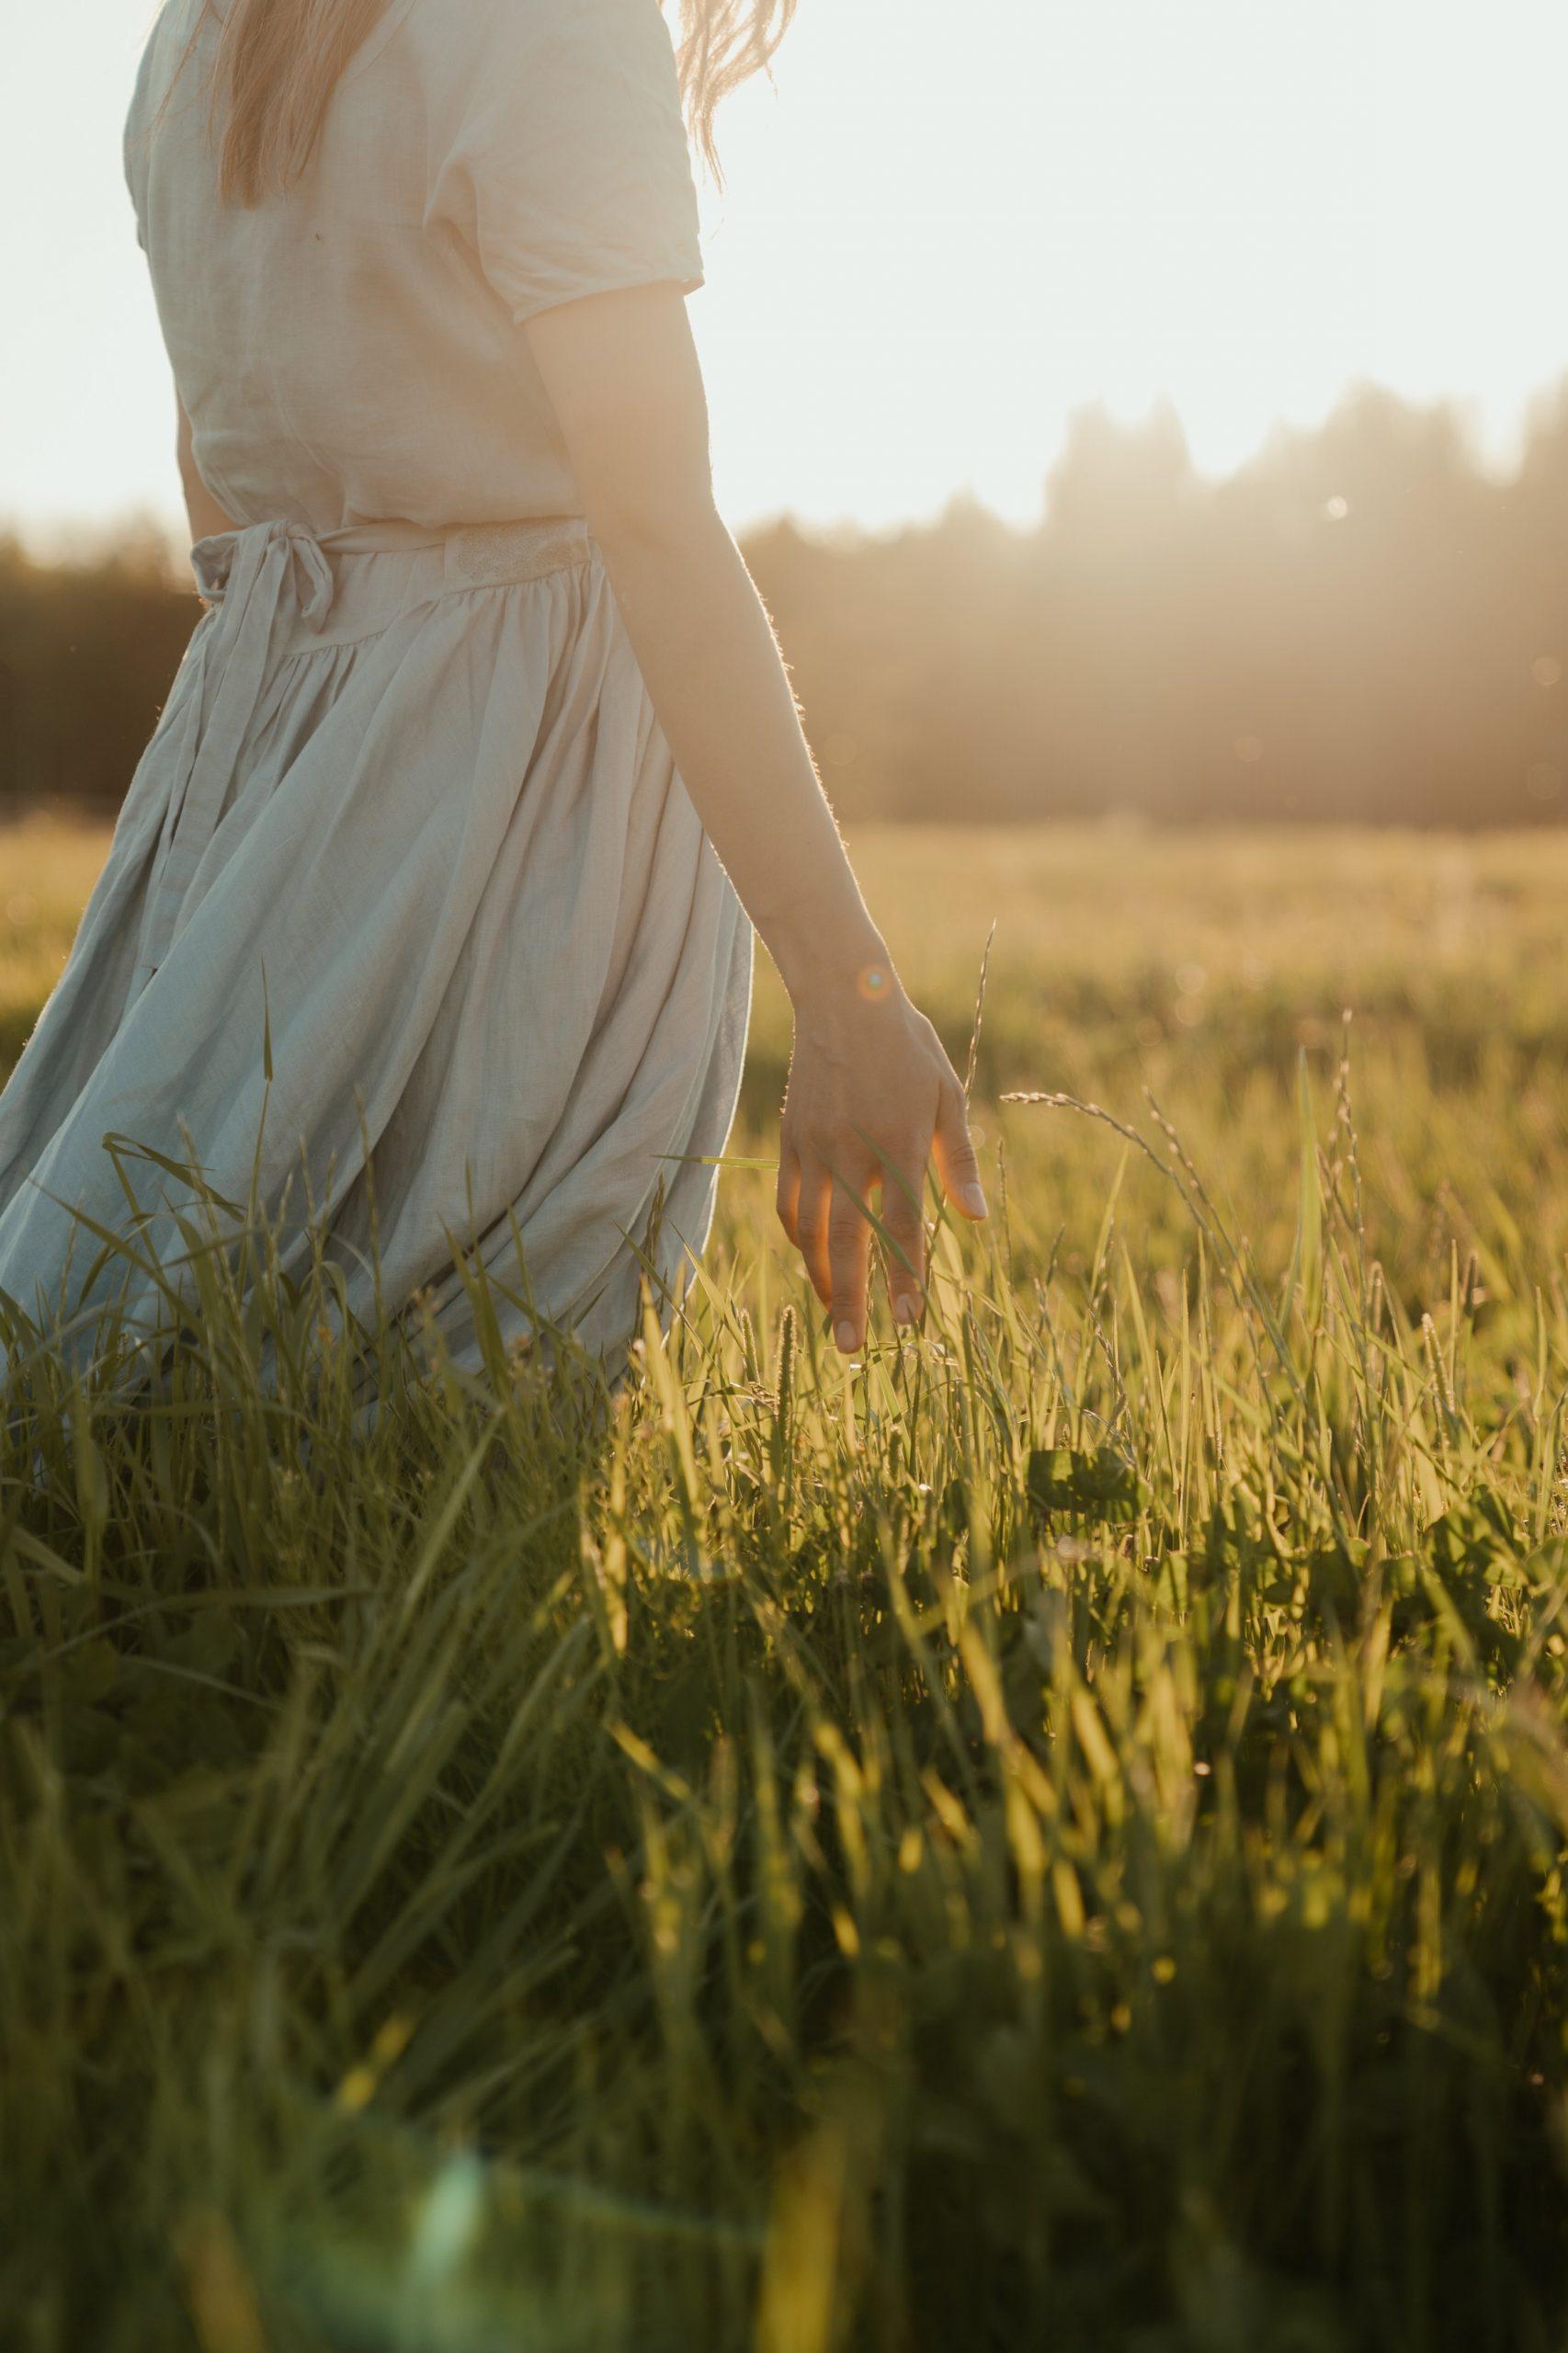 Femme dans un champ, libérée de l'emprise d'une relation toxique